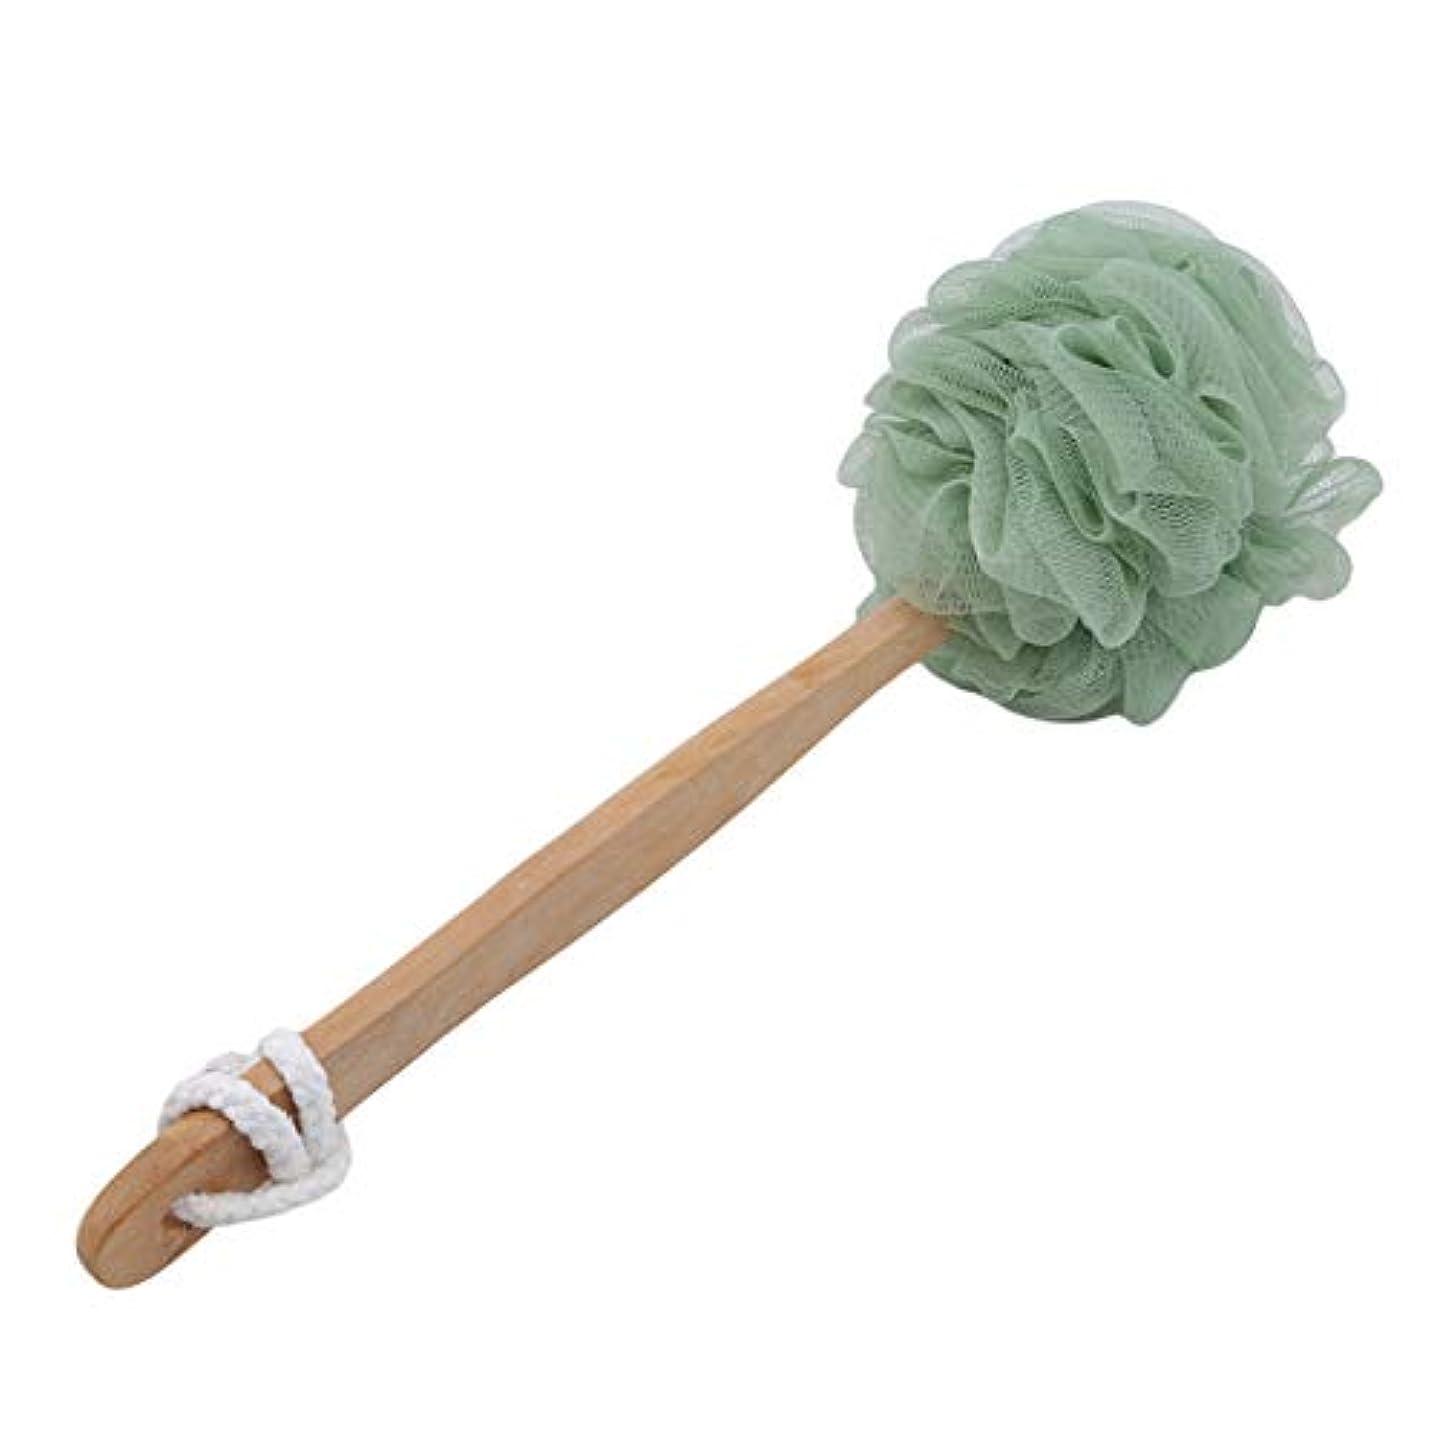 パキスタン人鬼ごっこ凶暴なZALING 長い木製ハンドルソフトメッシュプーフバスボールボディシャワーブラシスポンジバックスクラバー, 緑